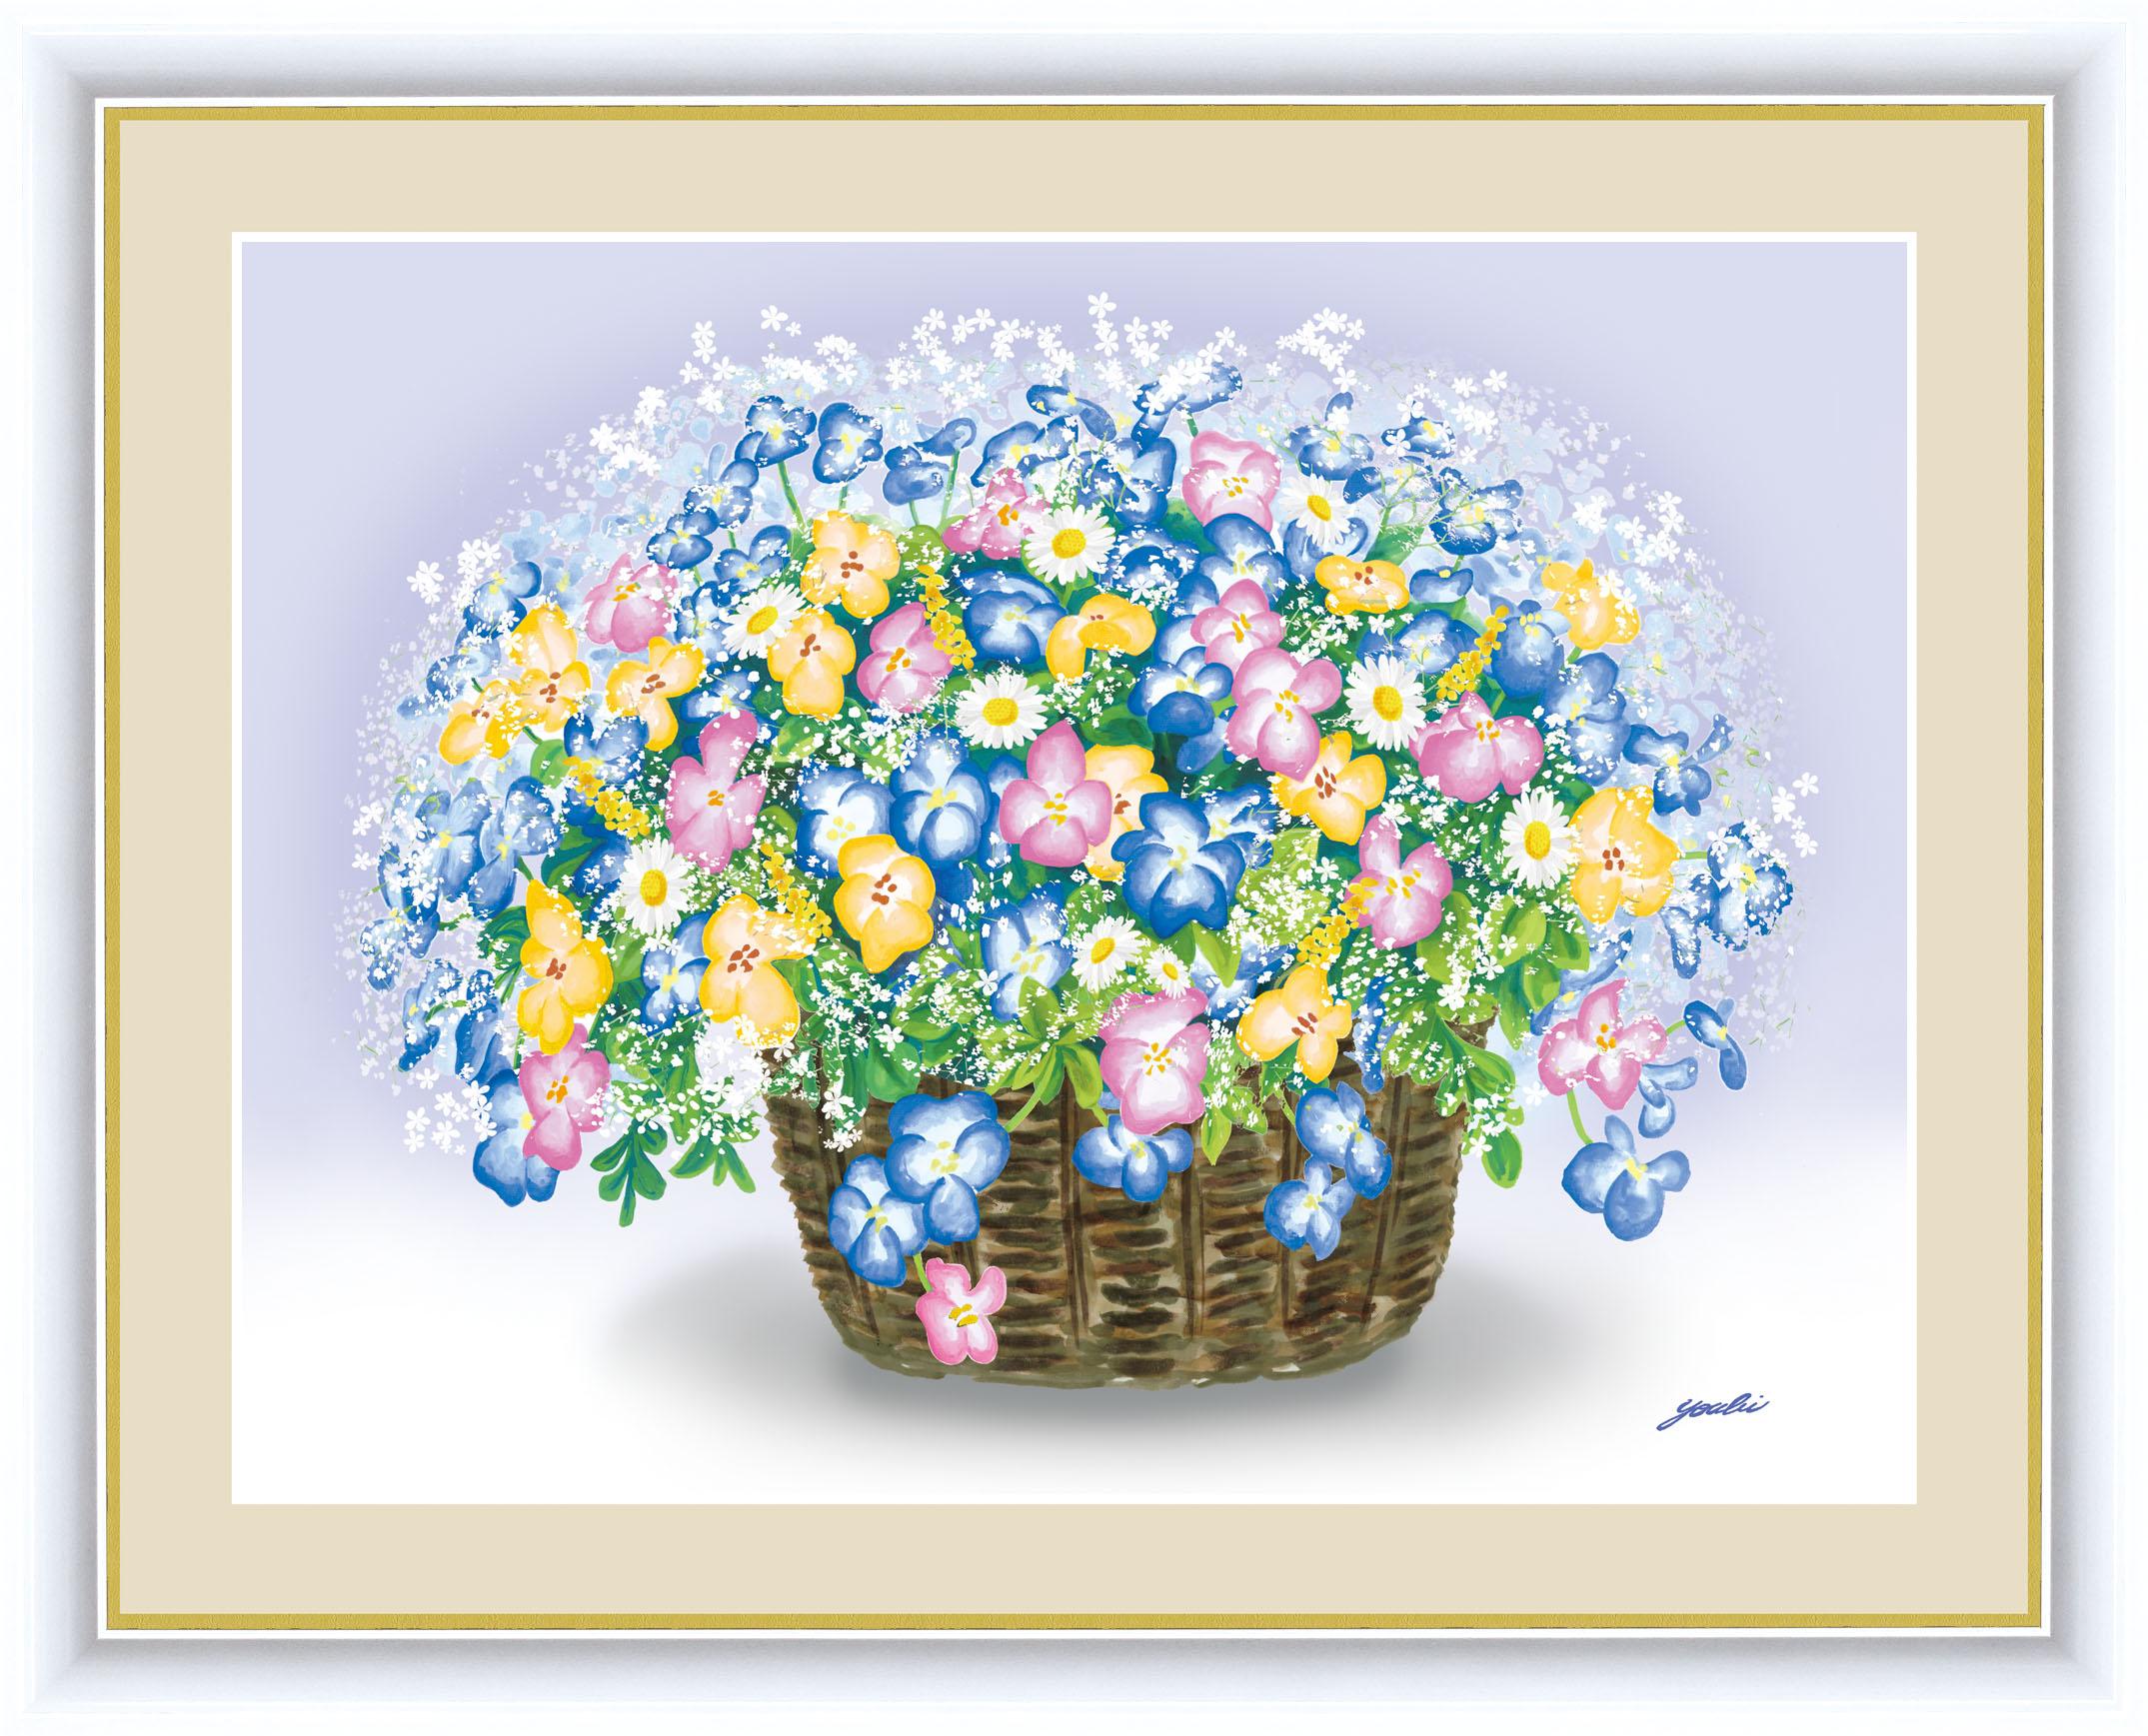 永遠に枯れることのない花の絵 鮮やかな色調がお部屋をパッと明るく彩ります 画面いっぱいに咲き誇る花たちが 新作 タイムセール 人気 いつまでもあふれんばかりの幸運を招き入れてくれることでしょう しあわせのブーケ 額 ビオラのブーケ 42×34cm 洋美 現代作家インテリアアート ようび F4サイズ G4-AB056 アート額絵 33227